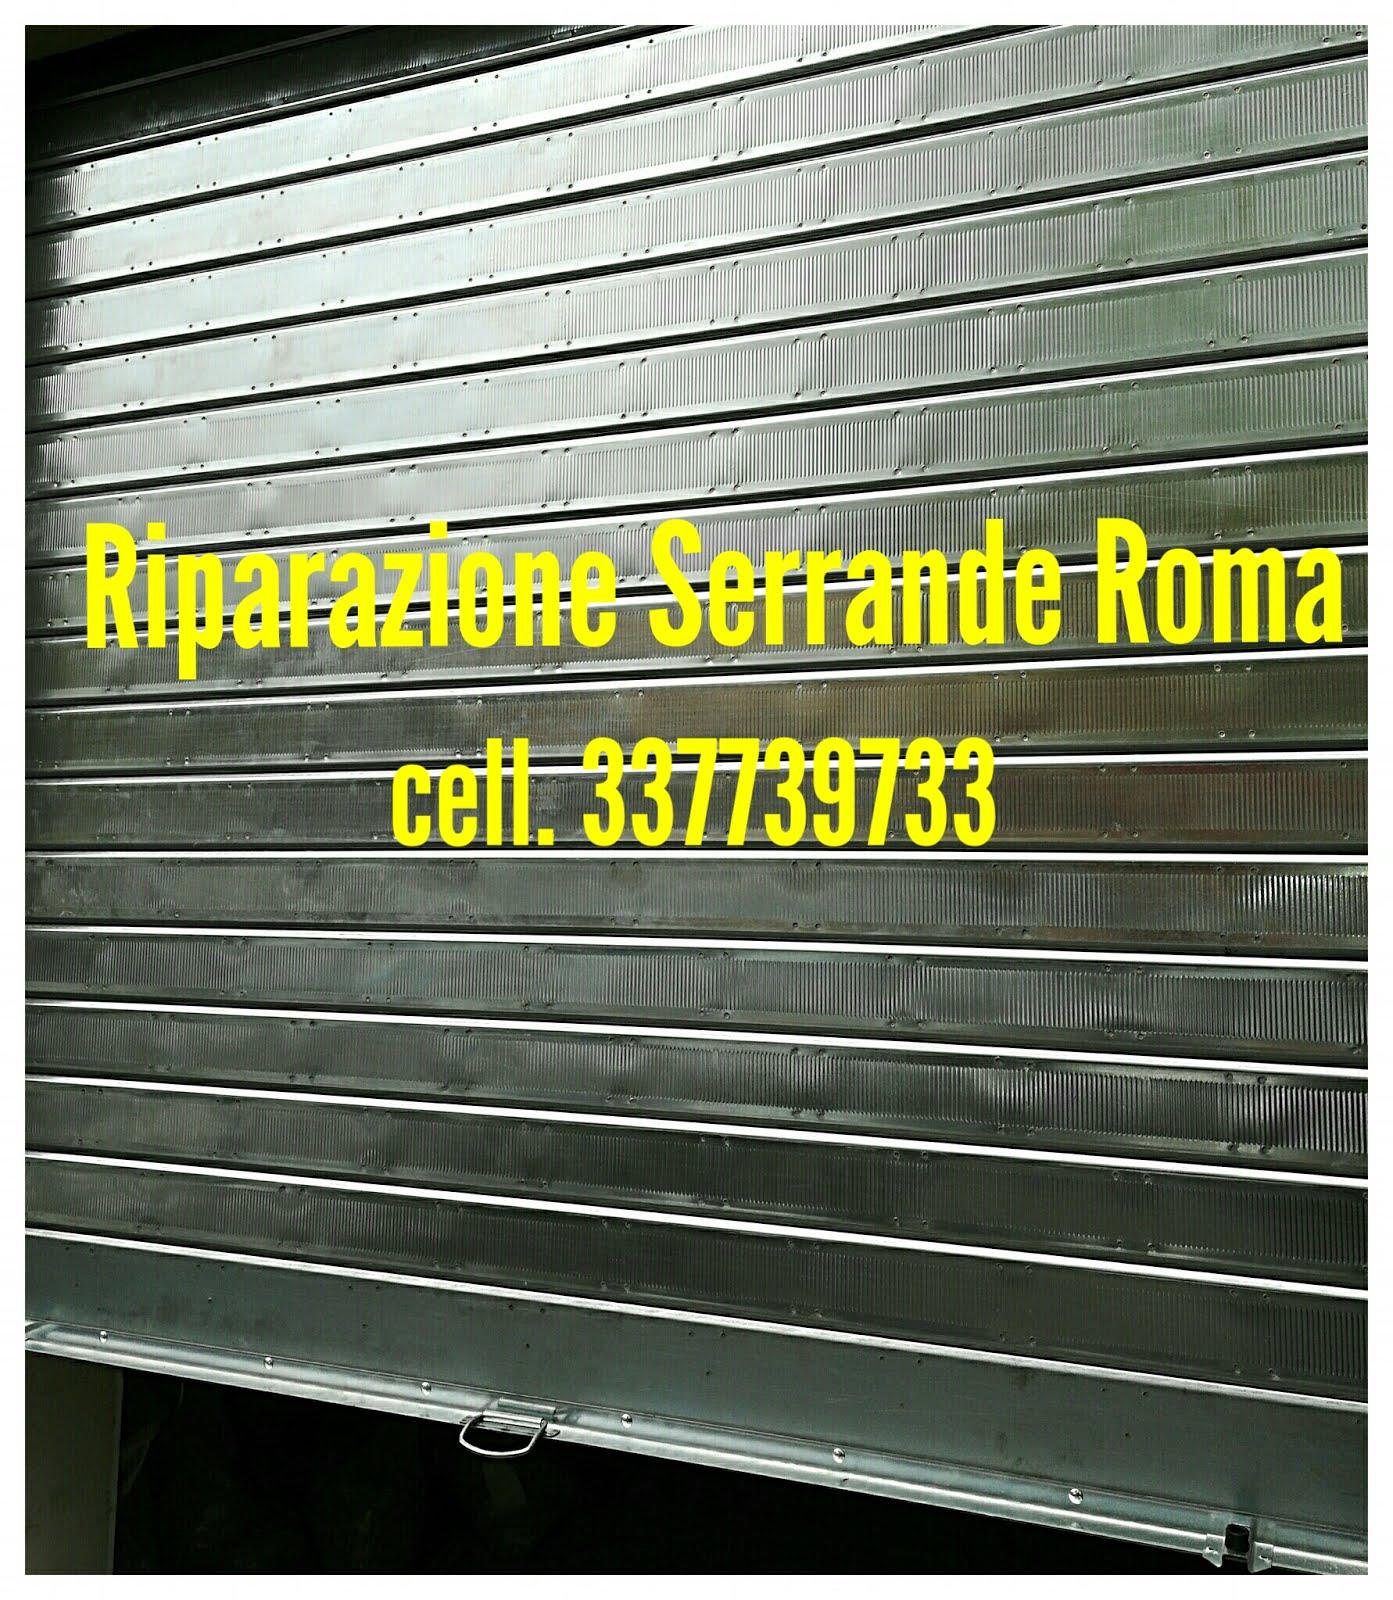 RIPARAZIONE MOLLE SERRANDE CENTOCELLE ROMA cel 337739733 Dario